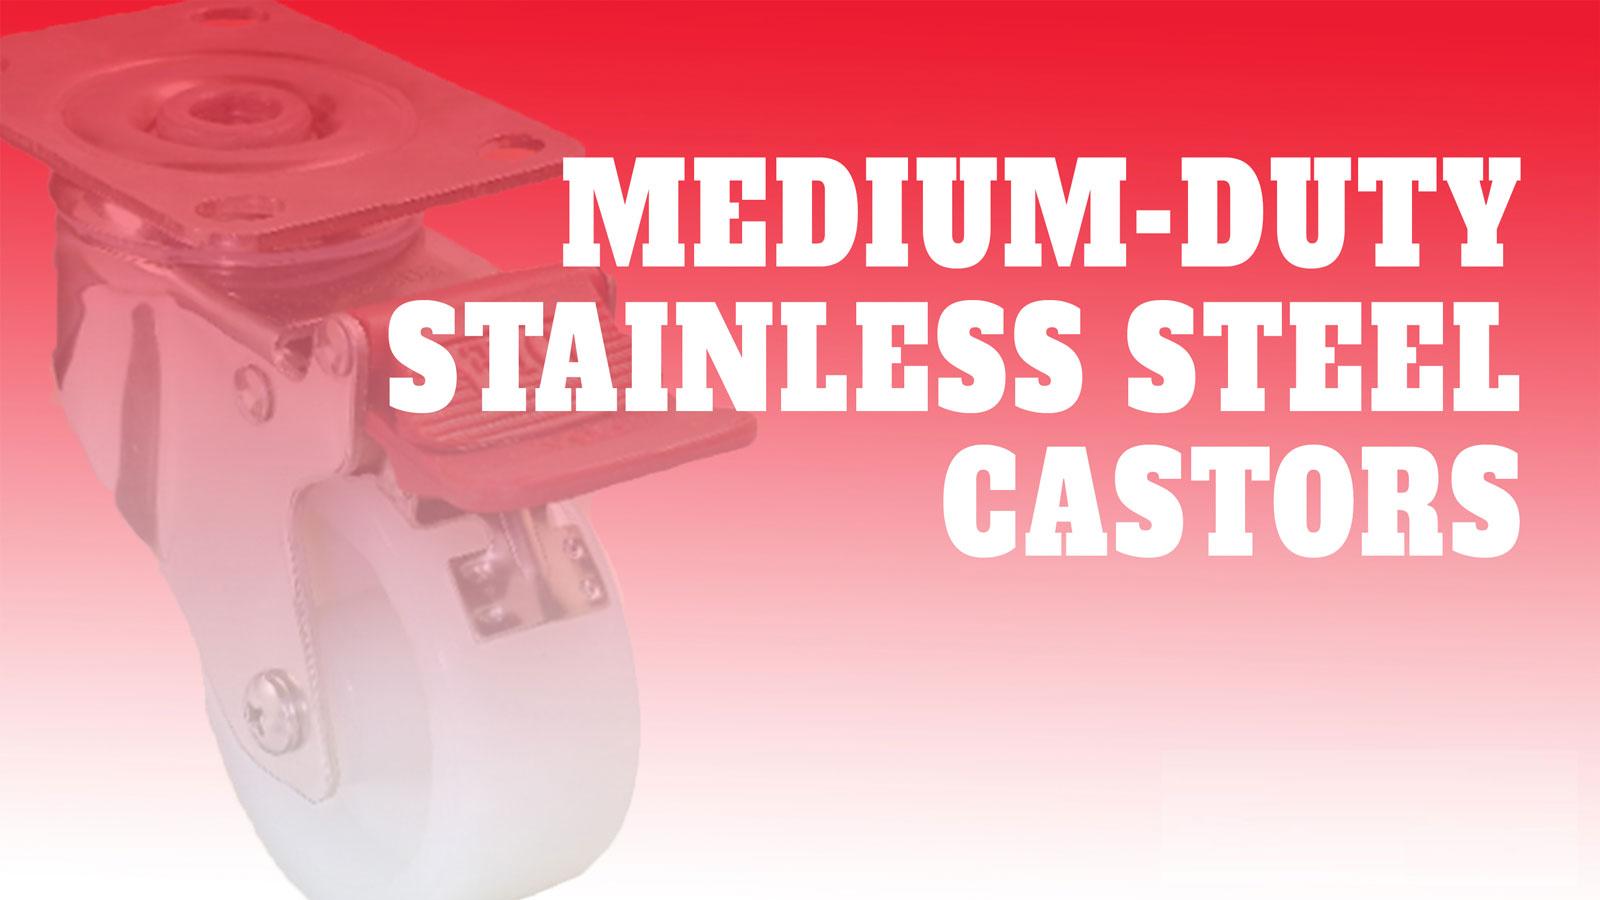 Castor-Medium-Duty-Stainless-Steel